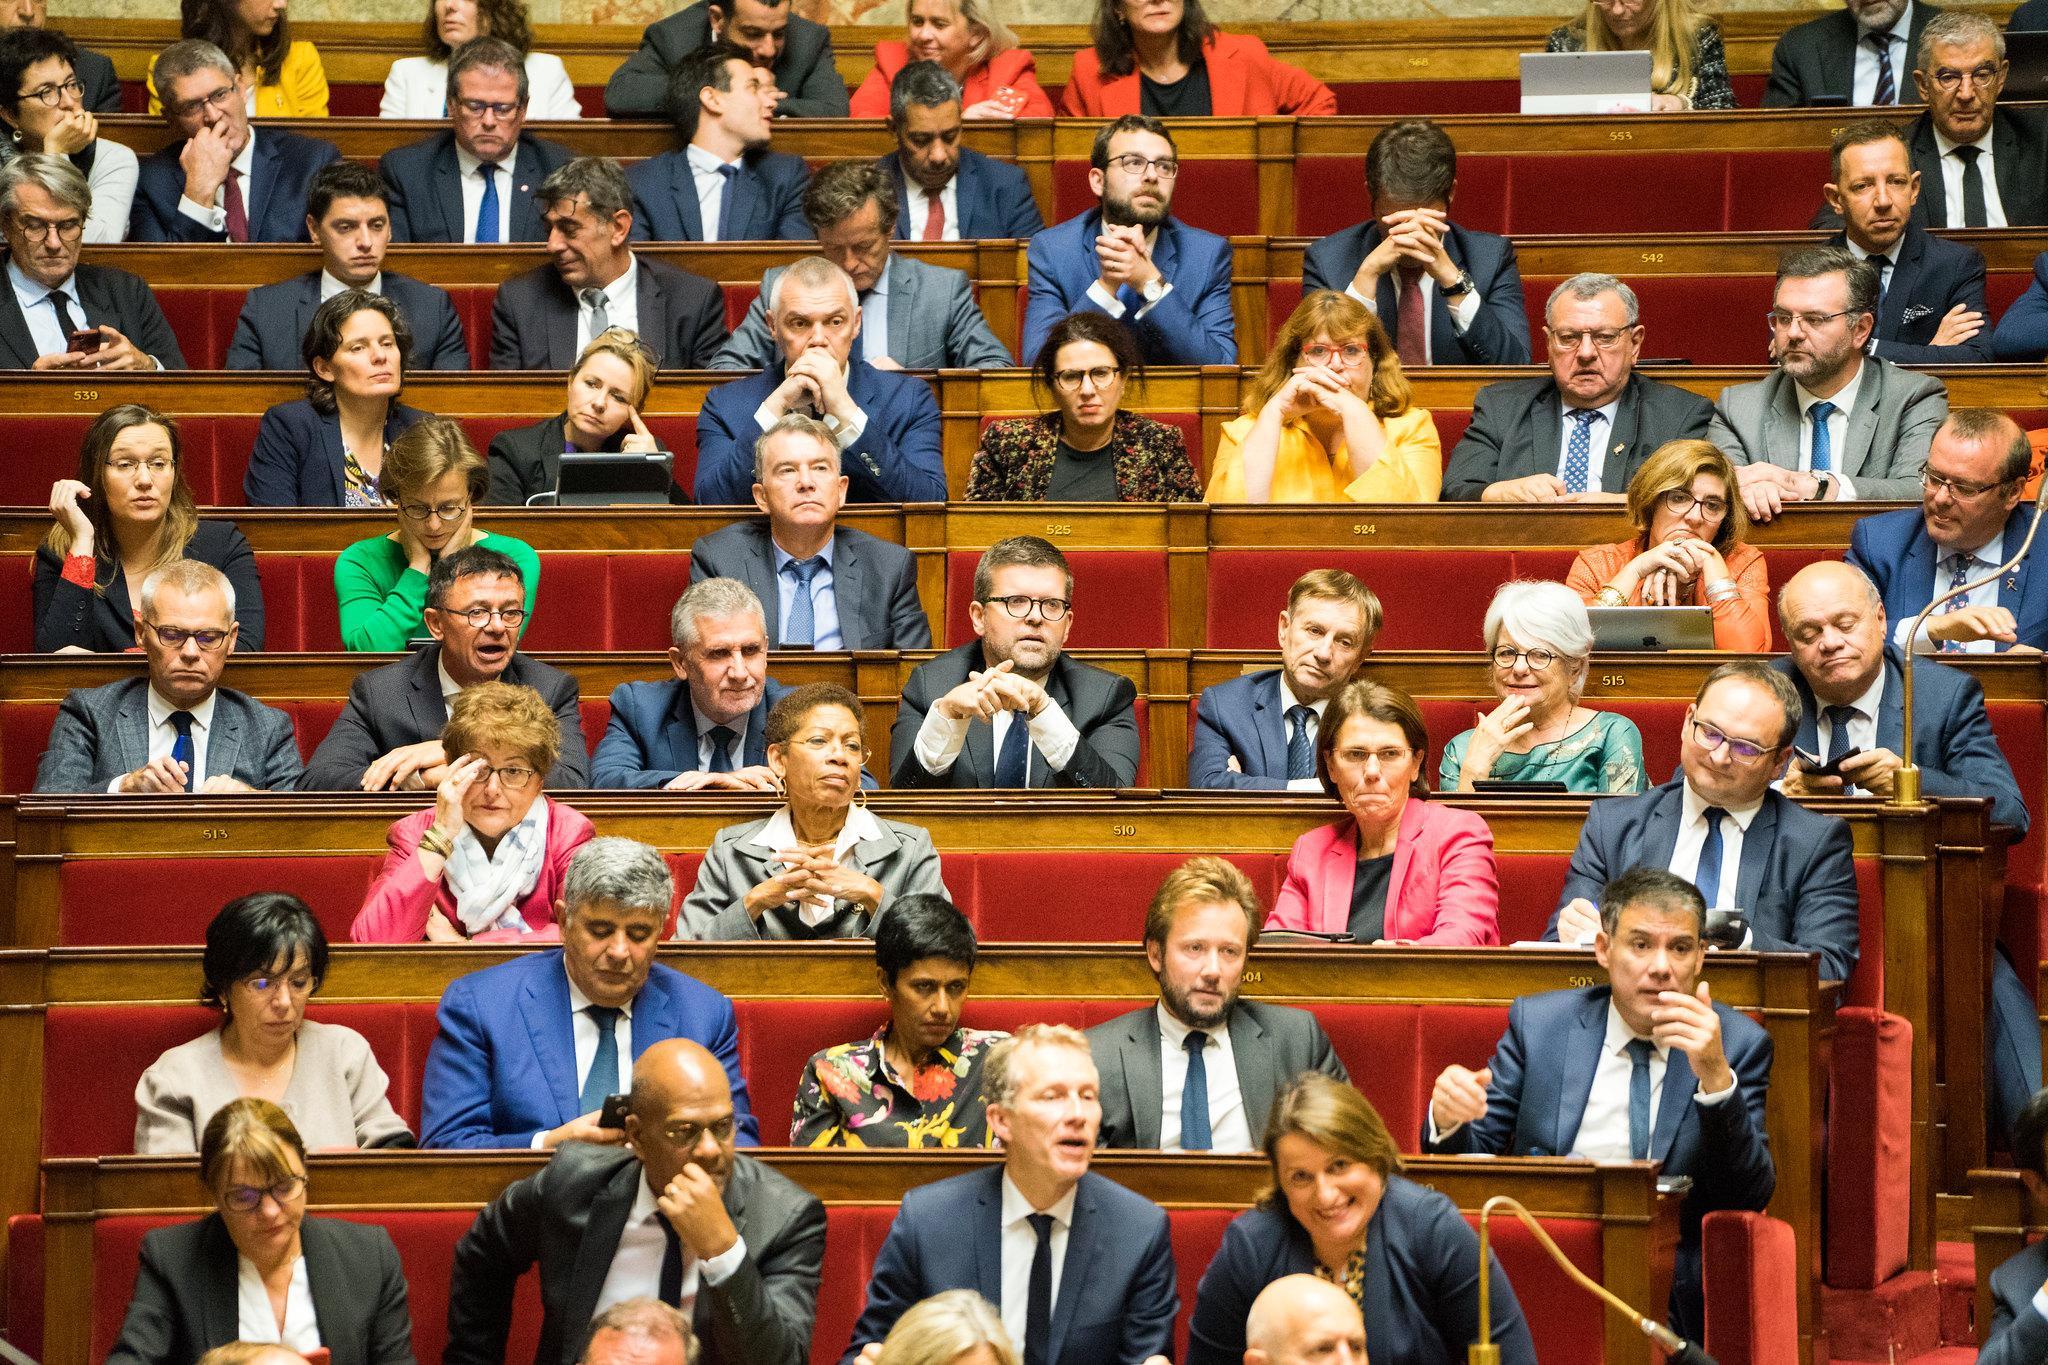 Les députés entendent (beaucoup) plus les grosses firmes que les citoyens